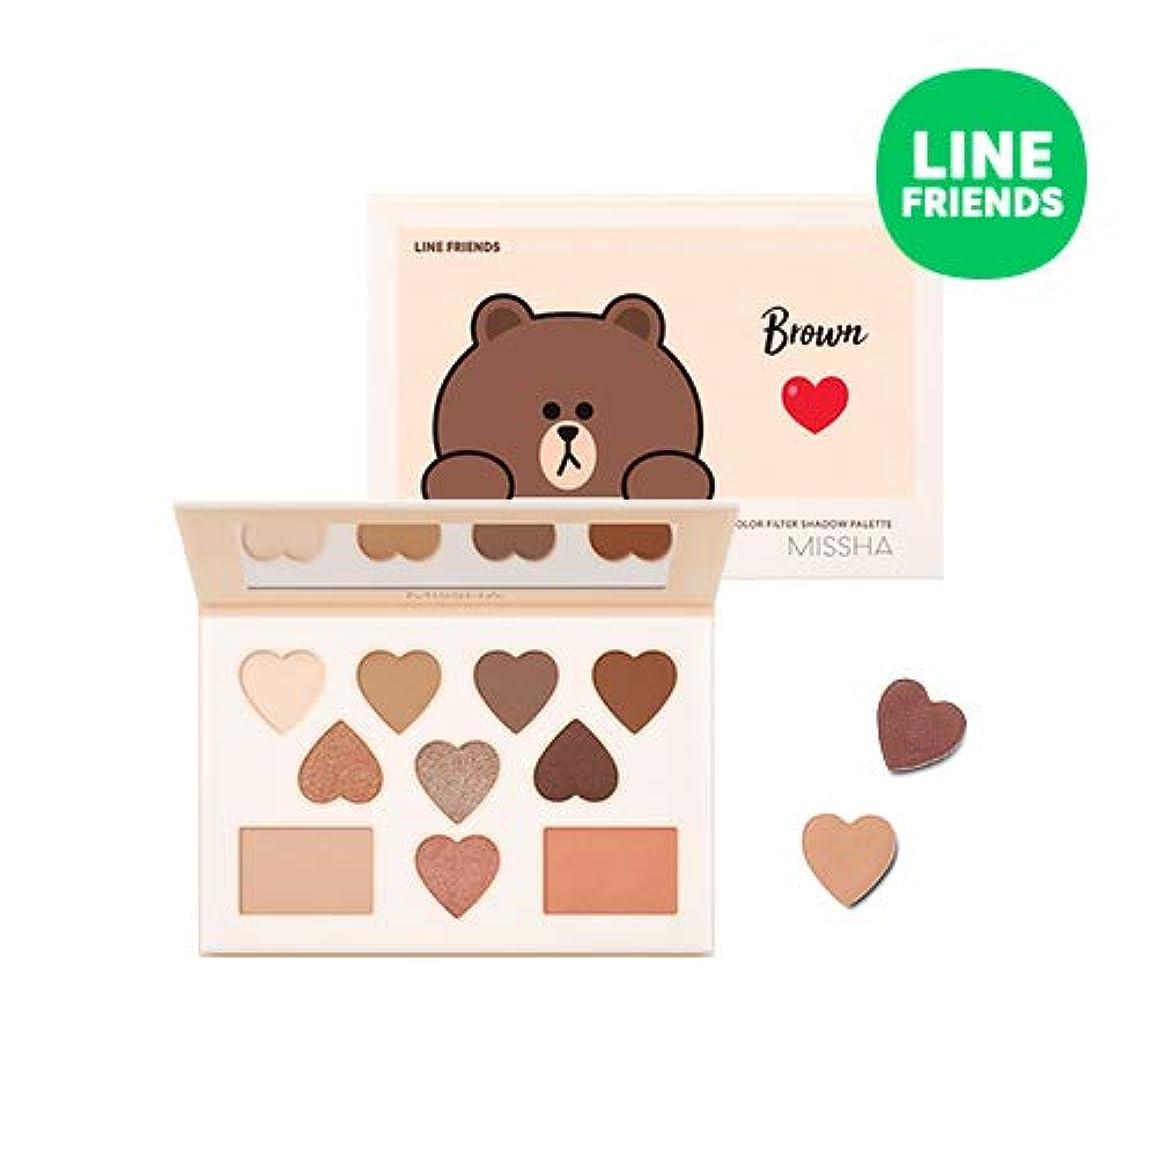 クラウン軸エンディングミシャ[ラインフレンズエディション] カラー フィルター シャドウ パレット MISSHA [Line Friends Edition] Color Filter Shadow Palette #5. Brown [並行輸入品]